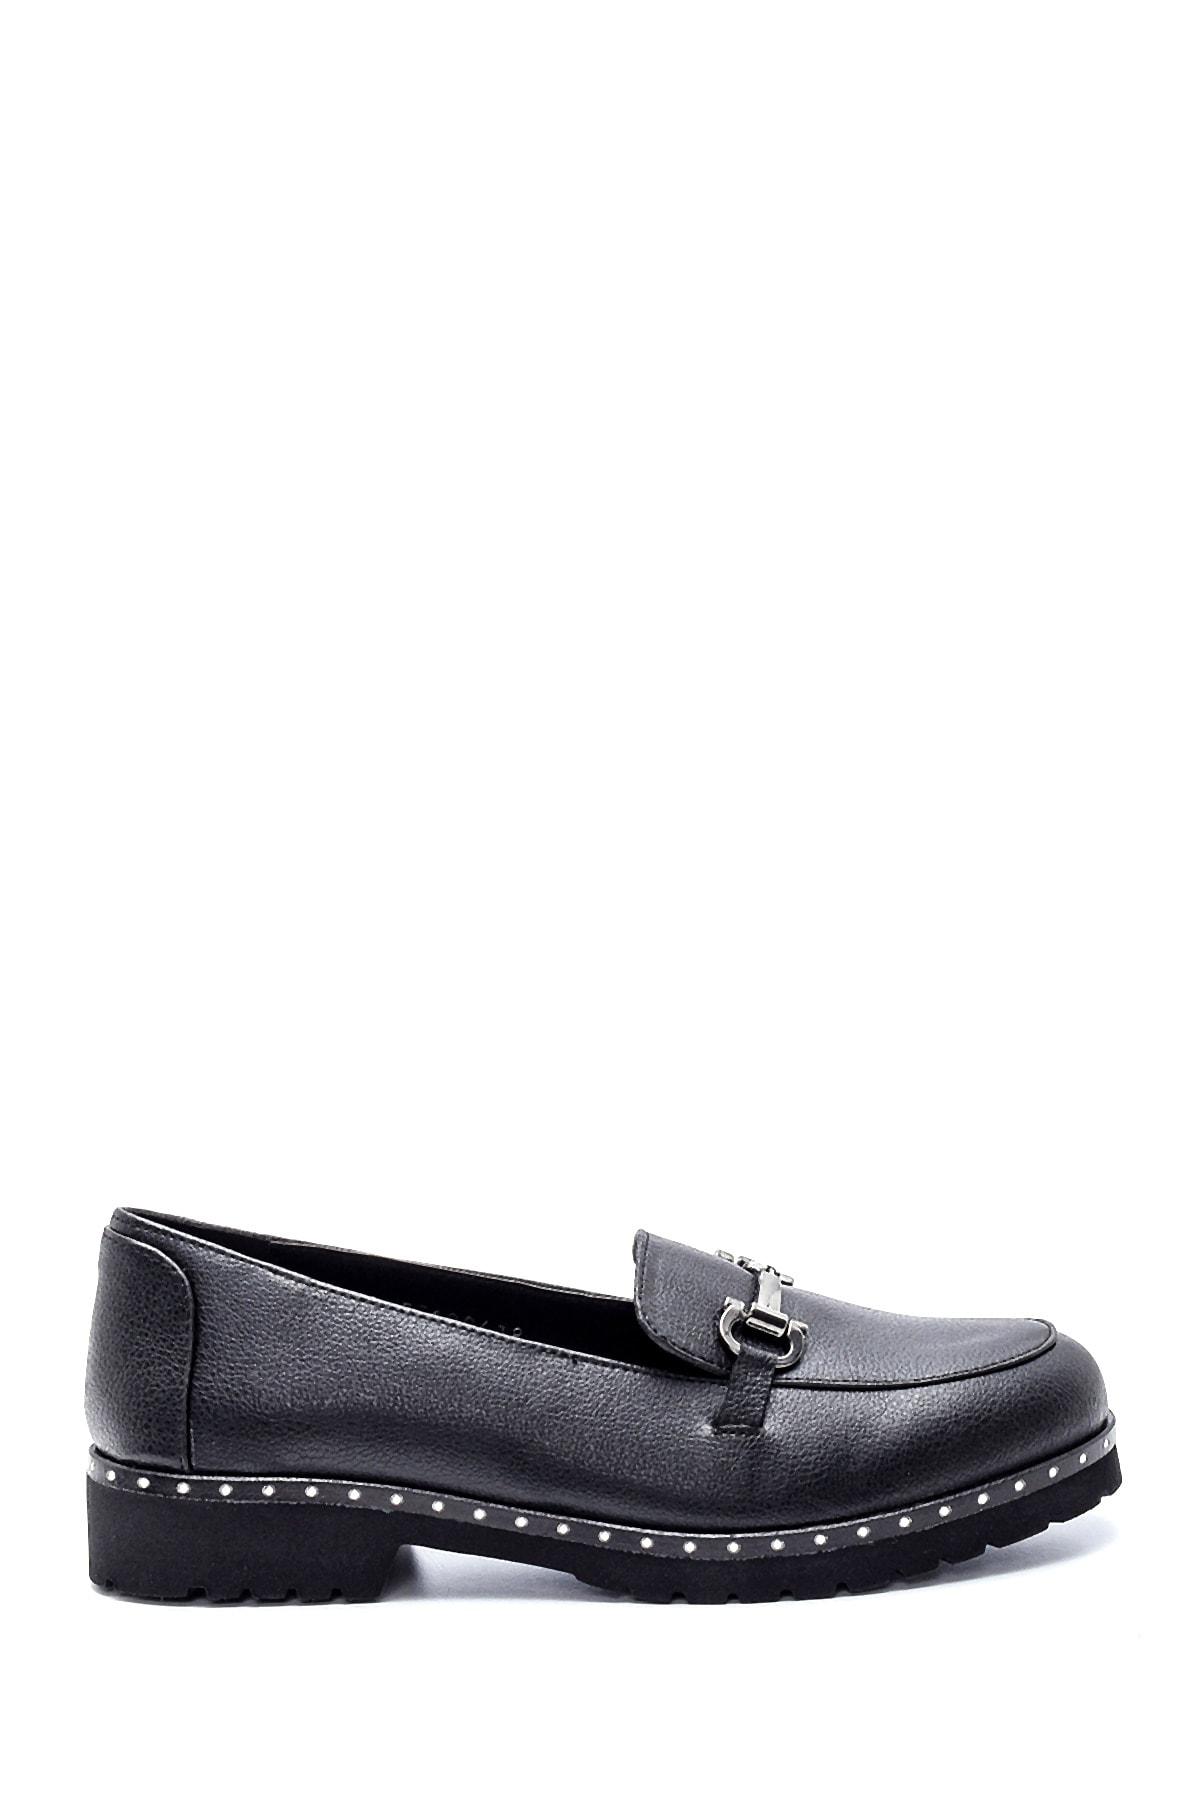 Derimod Kadın Siyah Loafer Ayakkabı